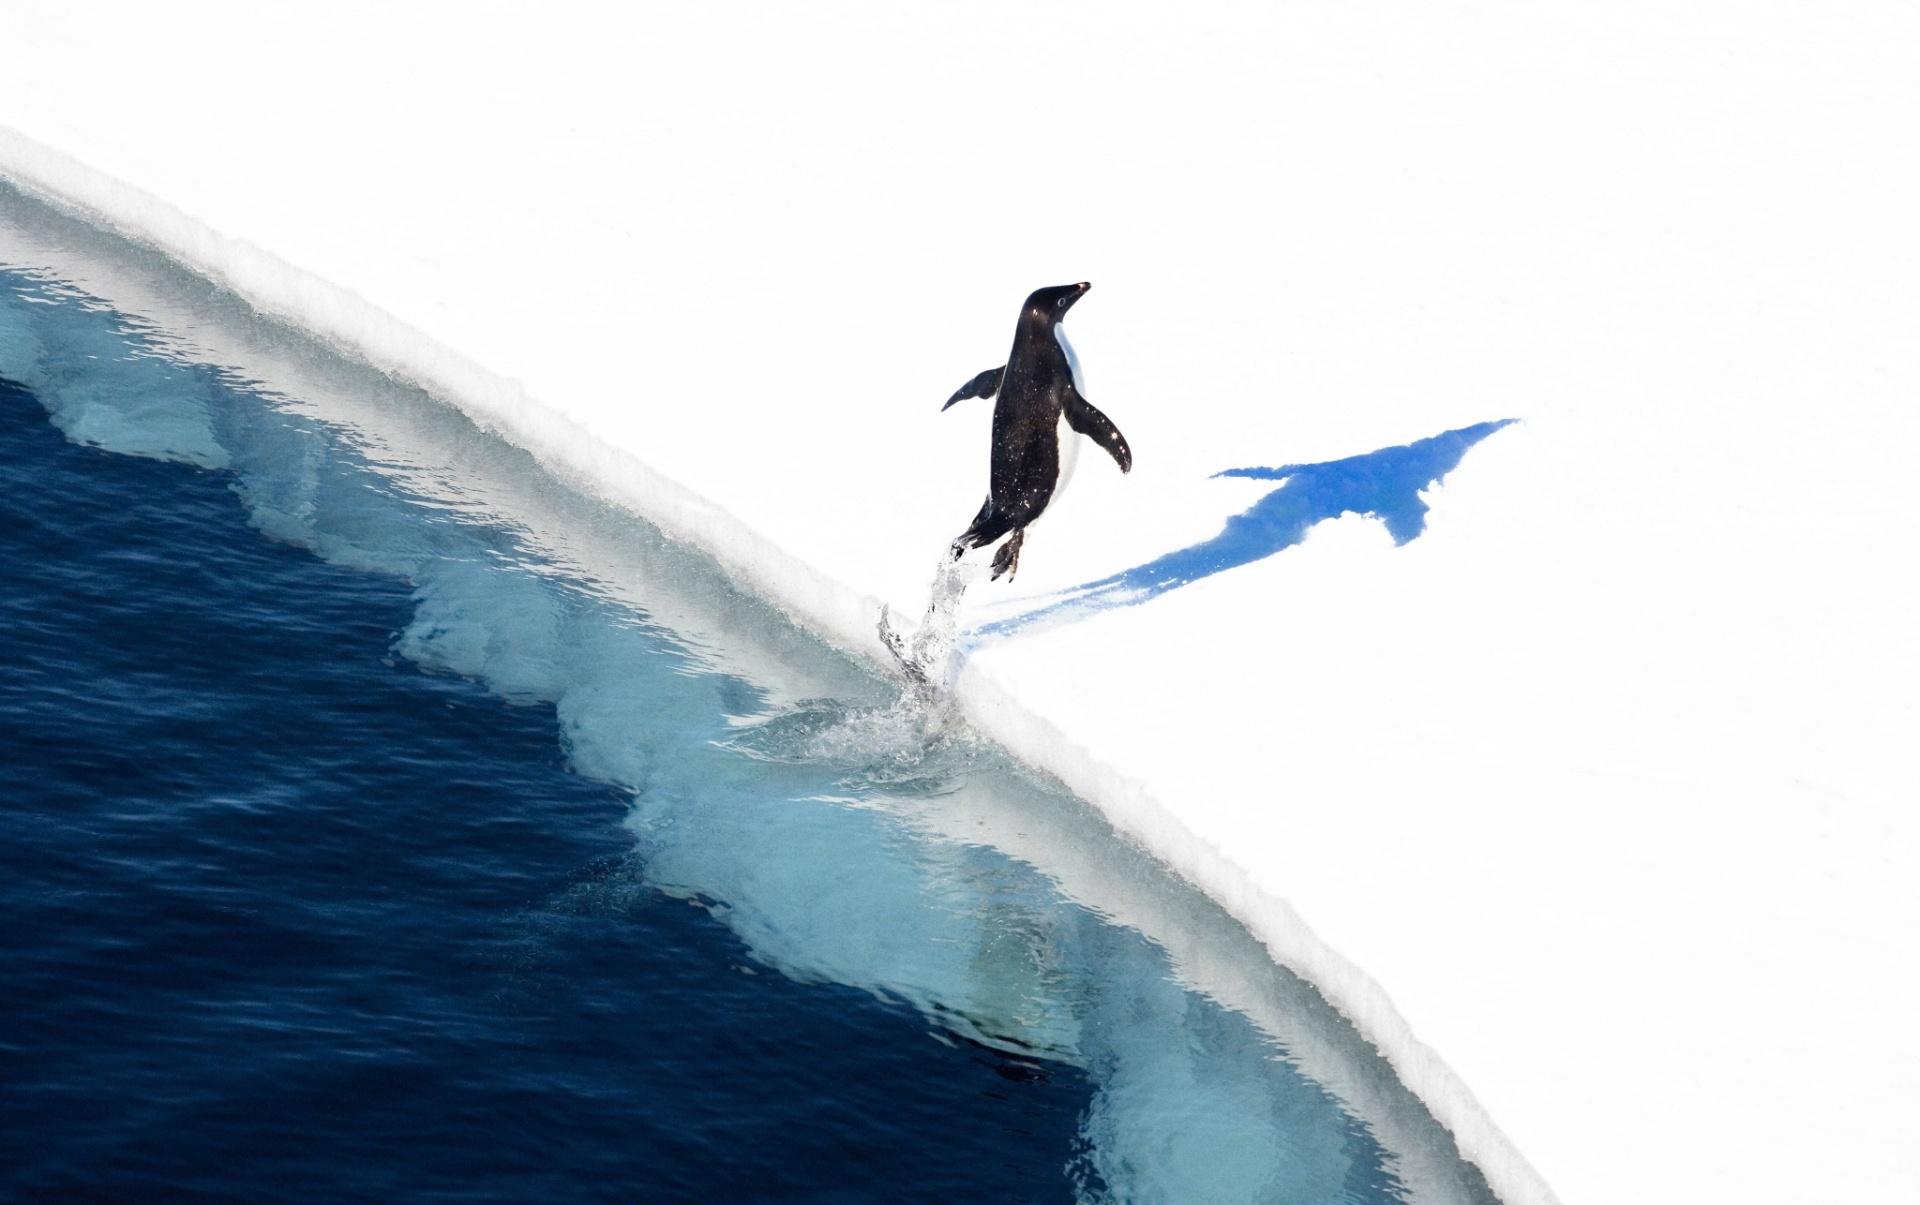 CASACO QUENTINHO - Os pinguins são adaptados para sobreviverem em climas muito frios. Os imperadores suportam temperaturas de até -50 °C e ventos de até 200 km/h. Isso porque possuem duas camadas de penas e uma boa reserva de gordura. Os pés também são adaptados ao gelo. Pinguins costumam viver em colônias, nas quais acasalam e criam seus filhotes. Quando o frio aperta, é comum ver o grupo bem juntinho